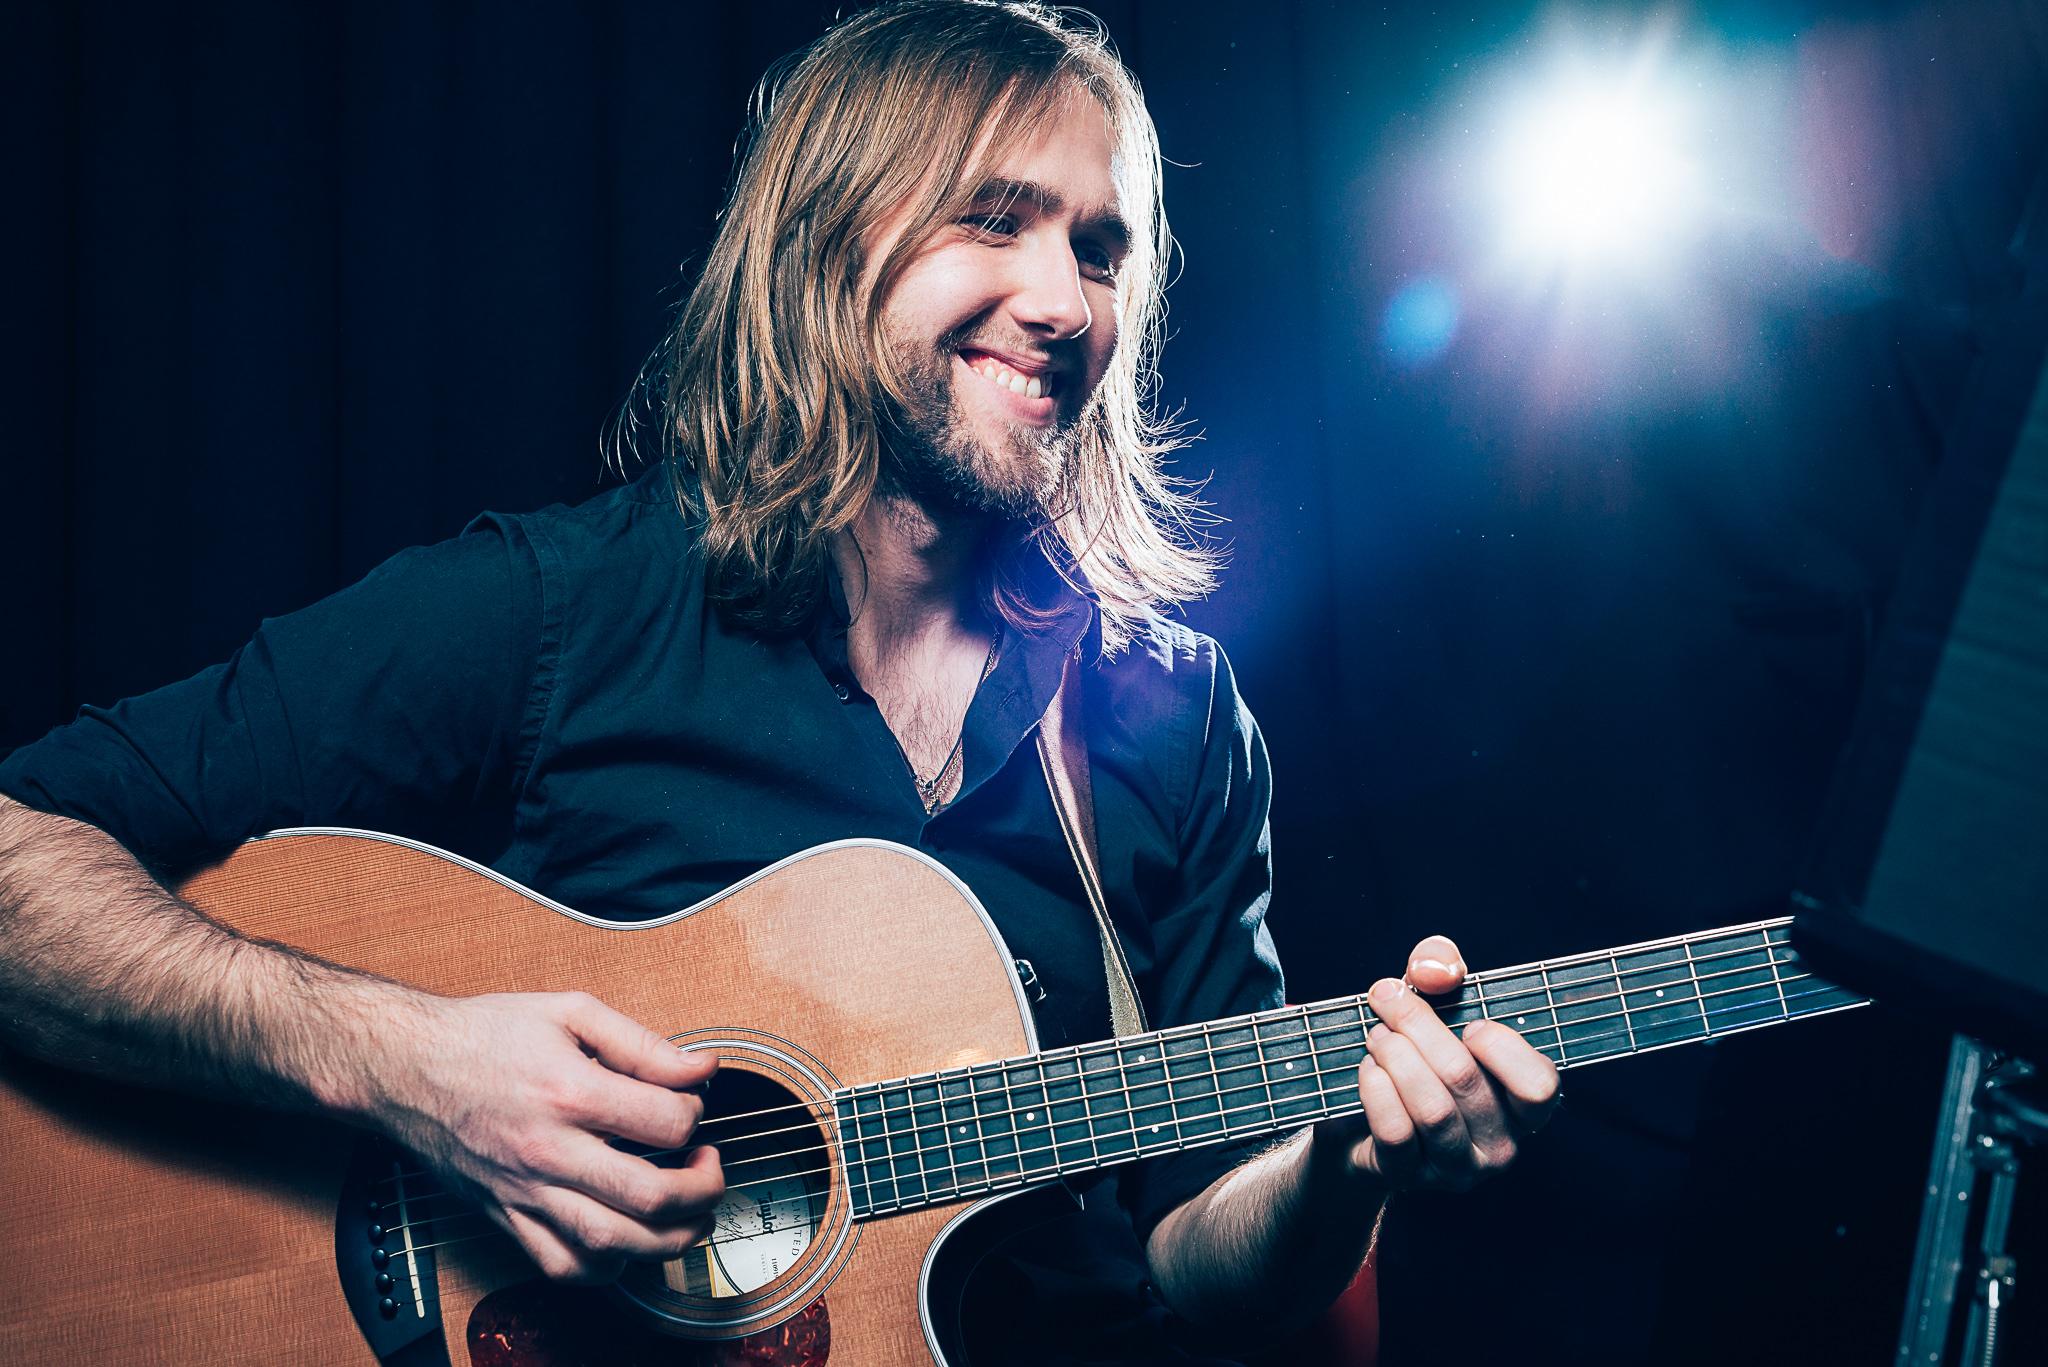 Yannik Richter beim Spielen der Guitarre